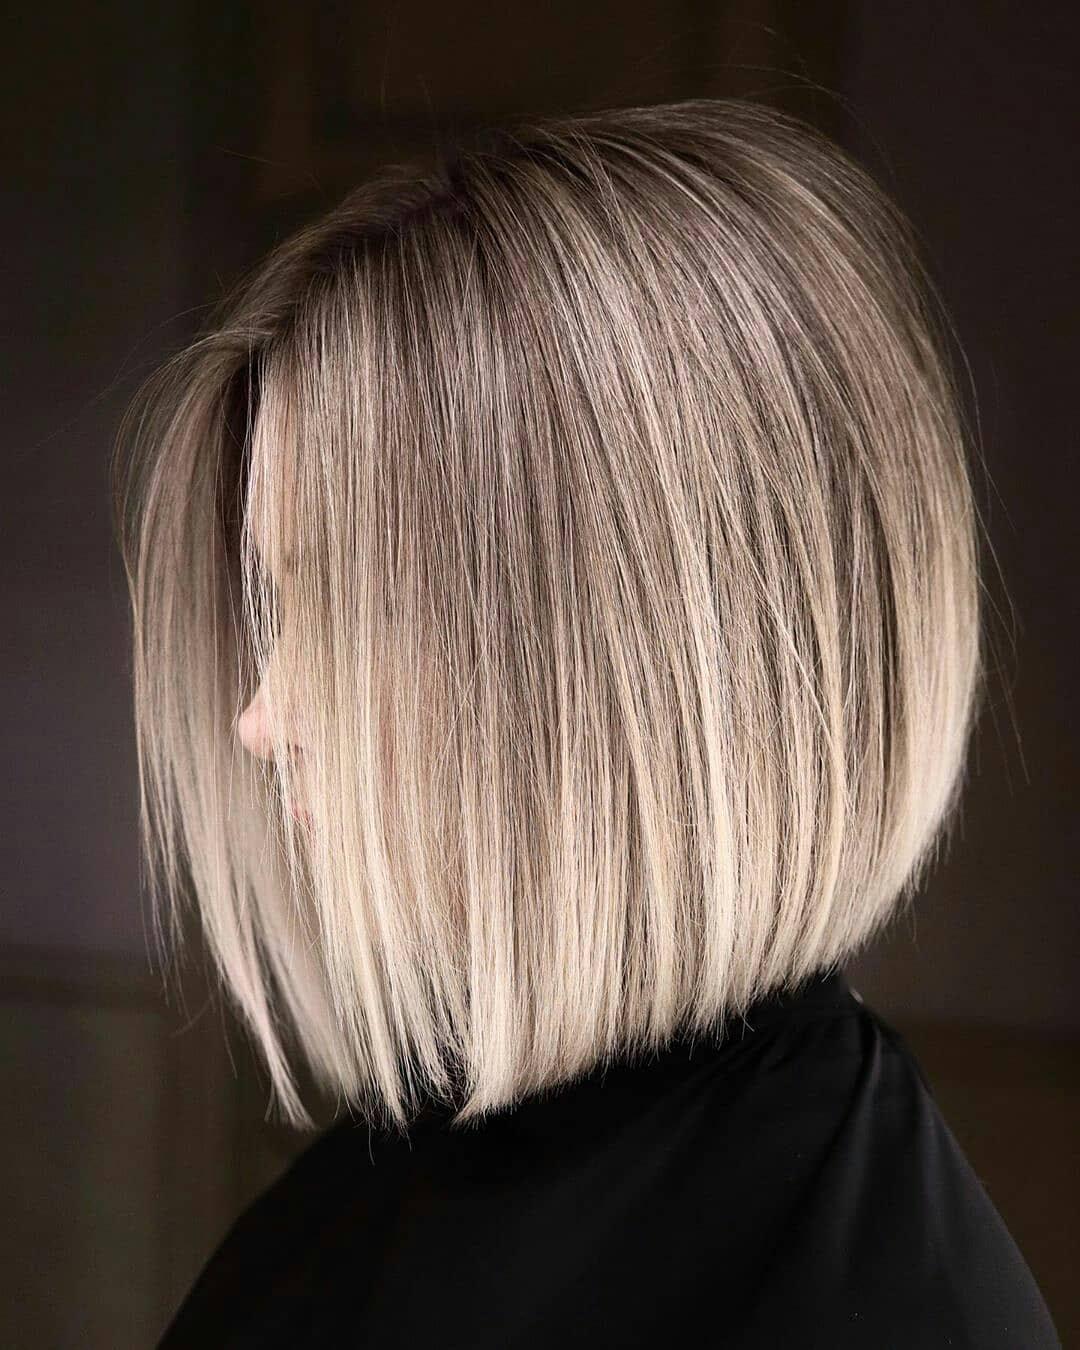 10 Short Haircut Styles for Ladies - Cute Easy Short Haircut 2020 - 2021